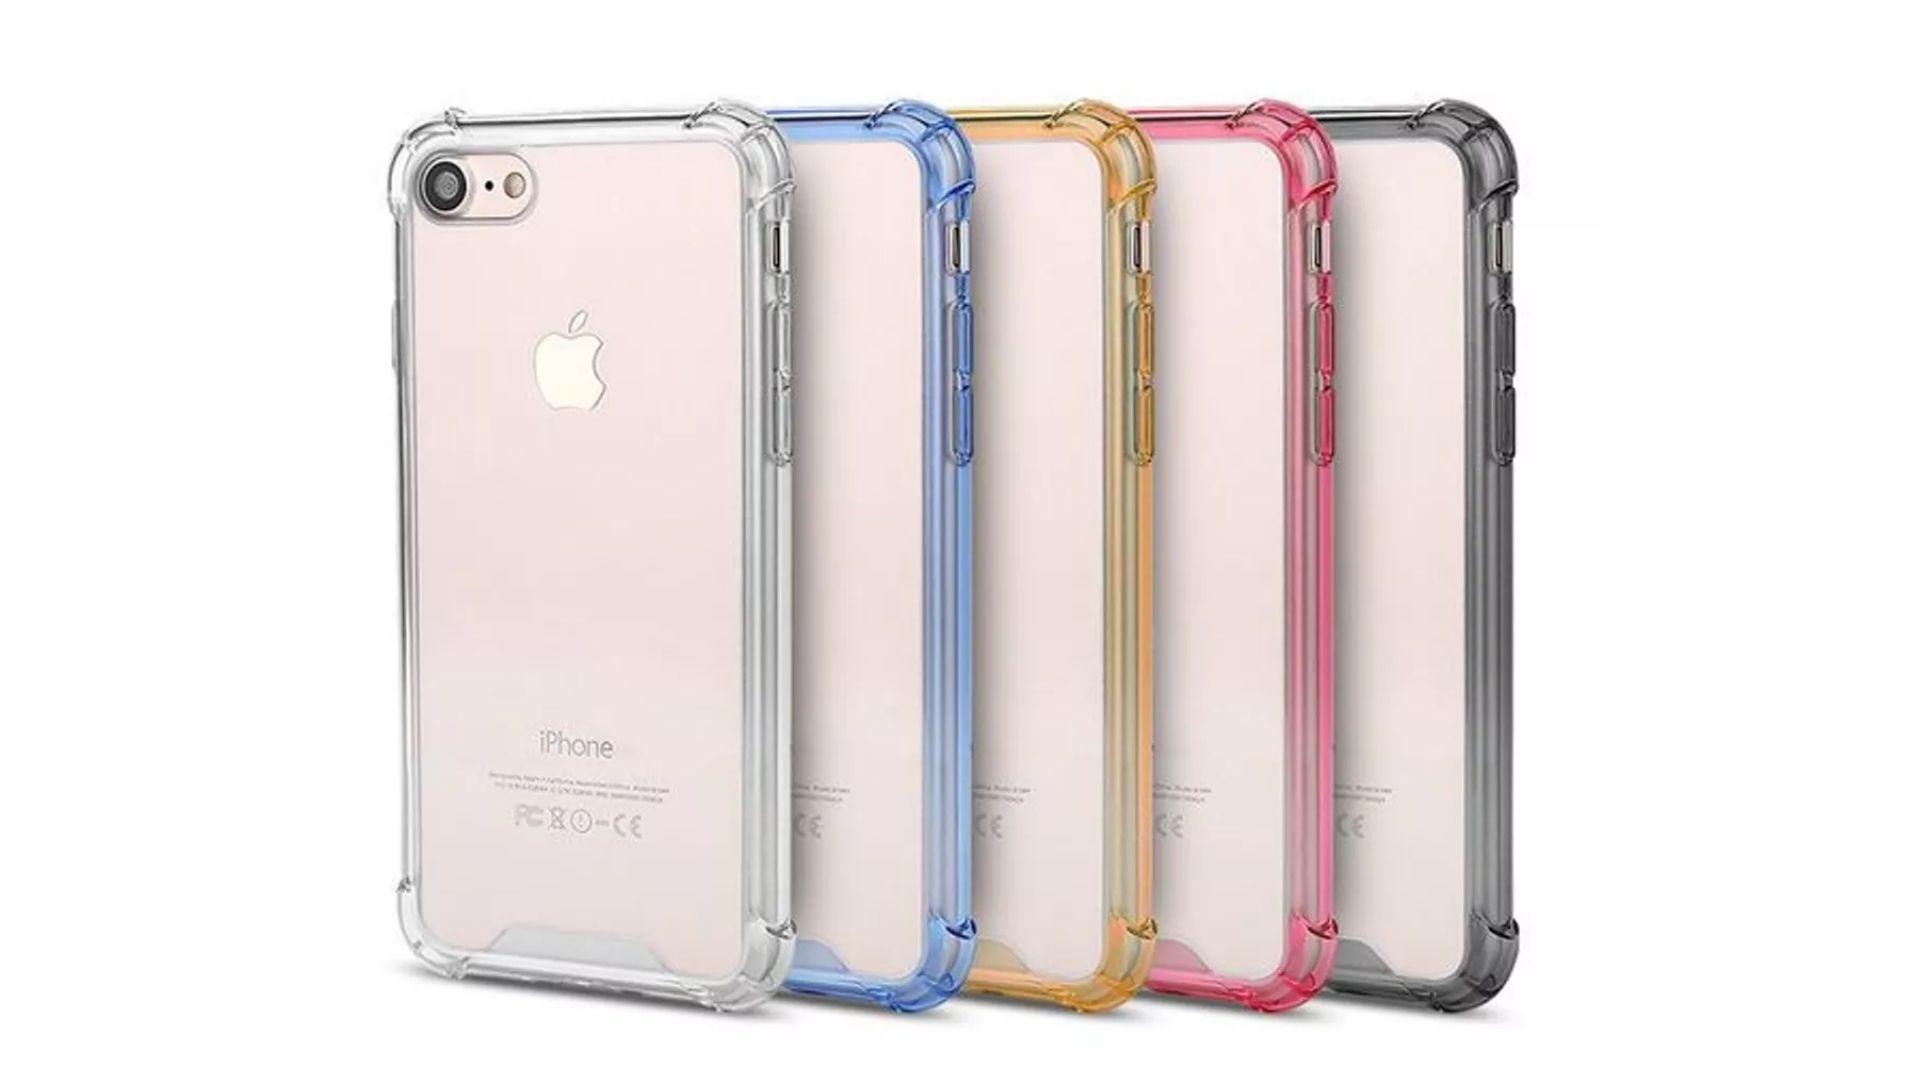 Capinha para celular de acrílico afeta pouco o design, mas é menos resistente (Foto: Divulgação)